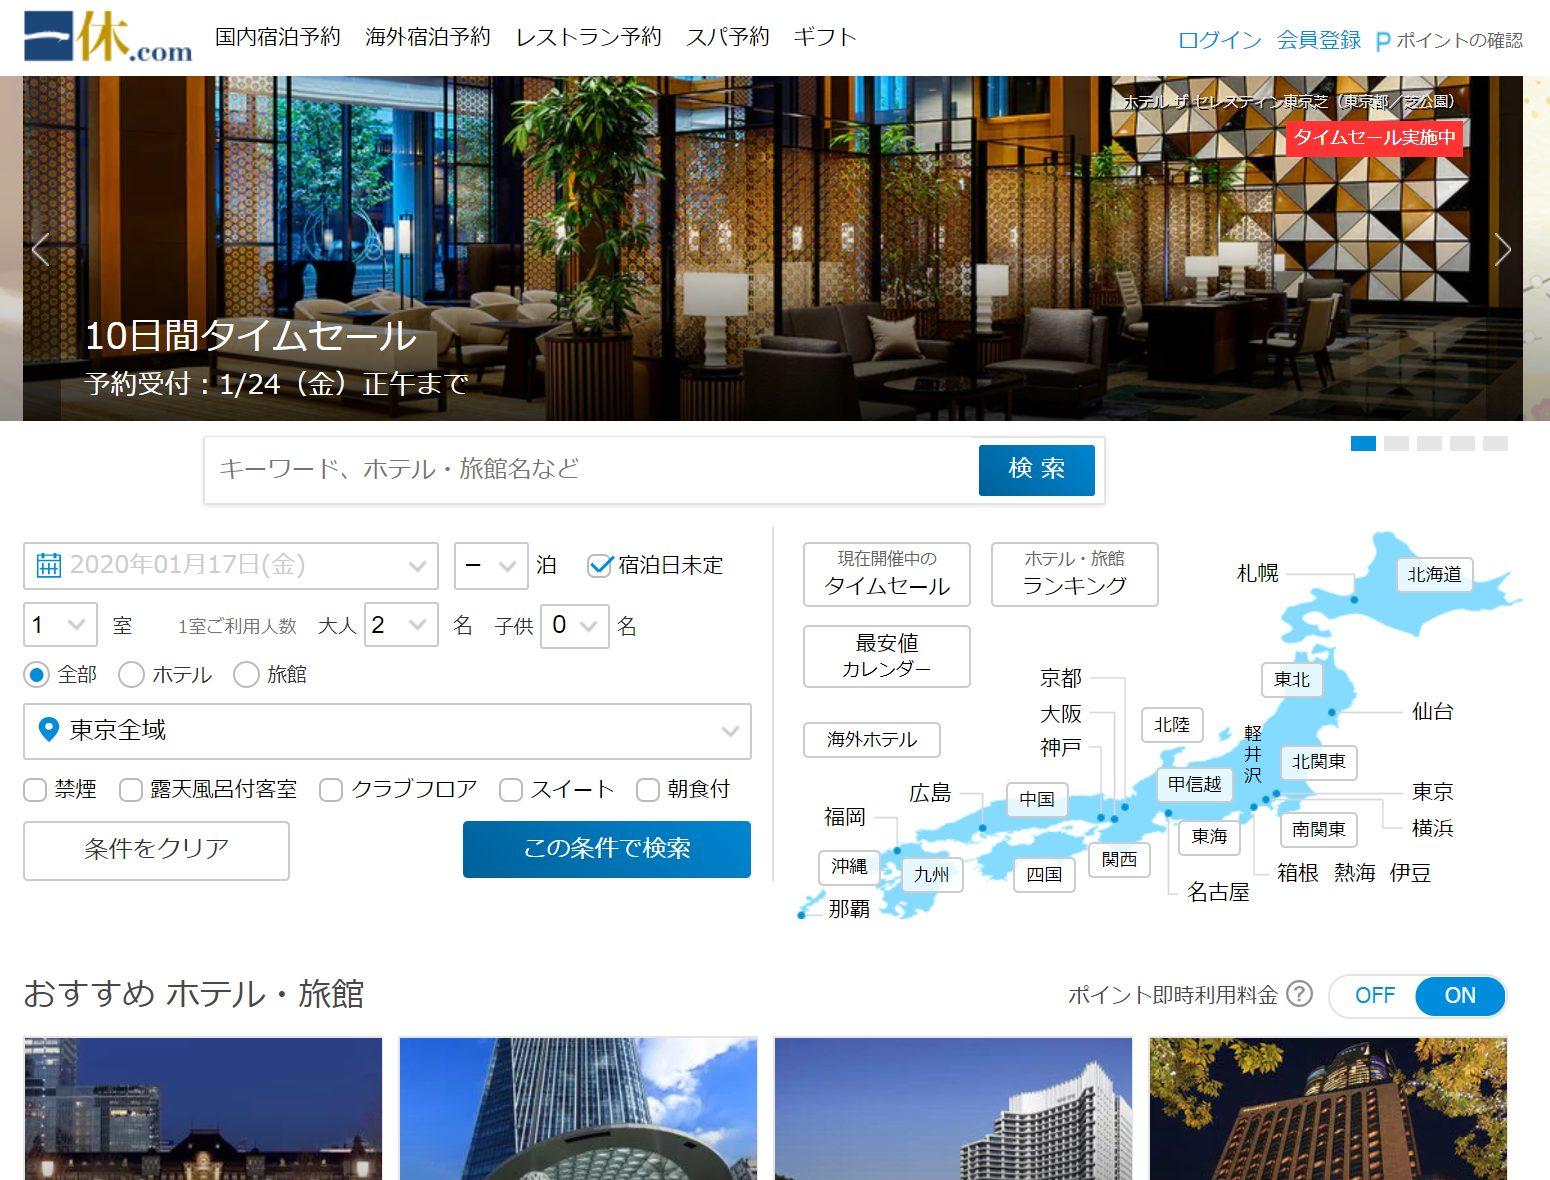 高級ホテルに安くお得に泊まる方法~一休.comを使うのがおすすめ